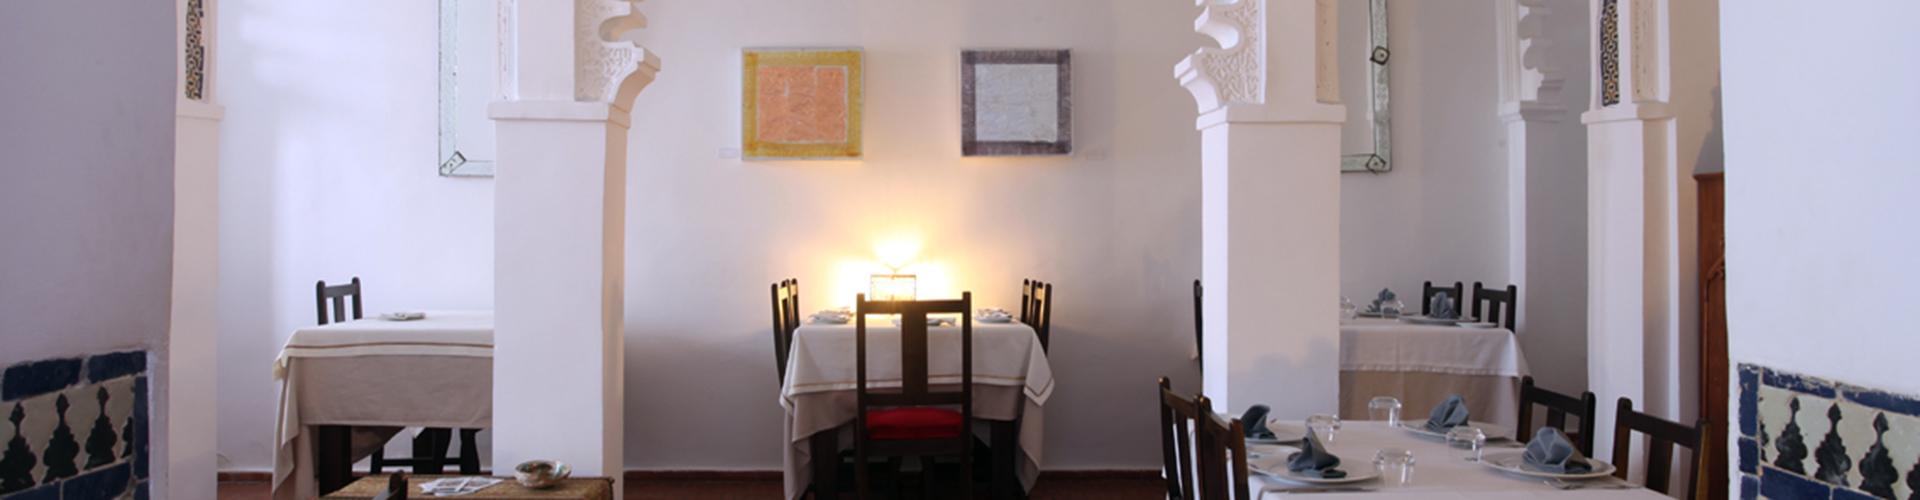 HOTEL BLANCO RIAD (3)